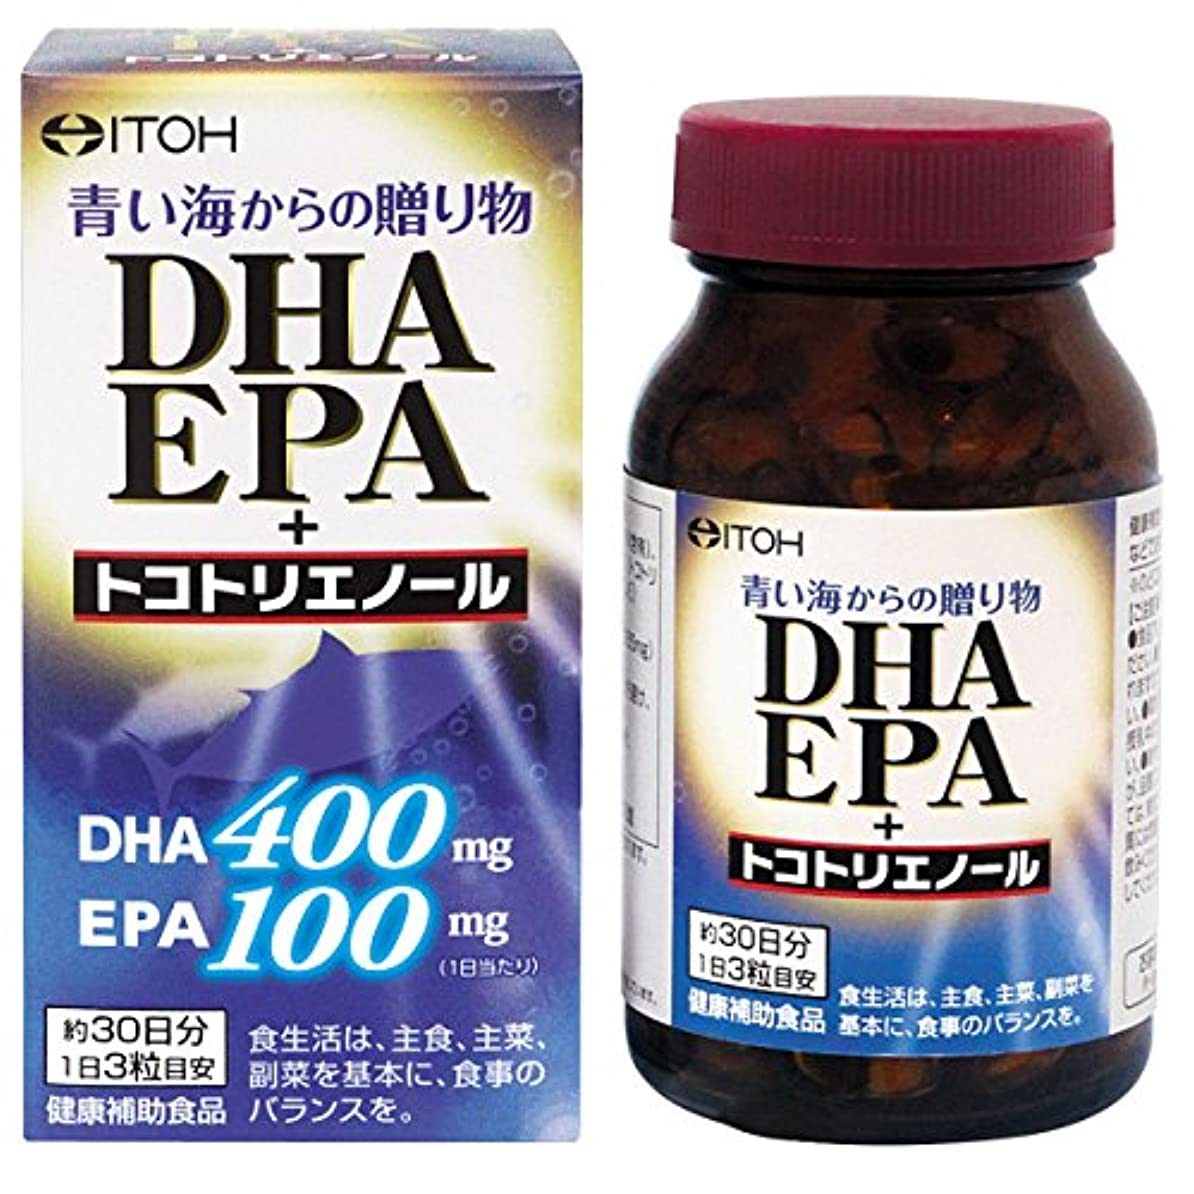 知覚できるテンポ嘆く井藤漢方製薬 DHA EPA+トコトリエノール 約30日分 90粒